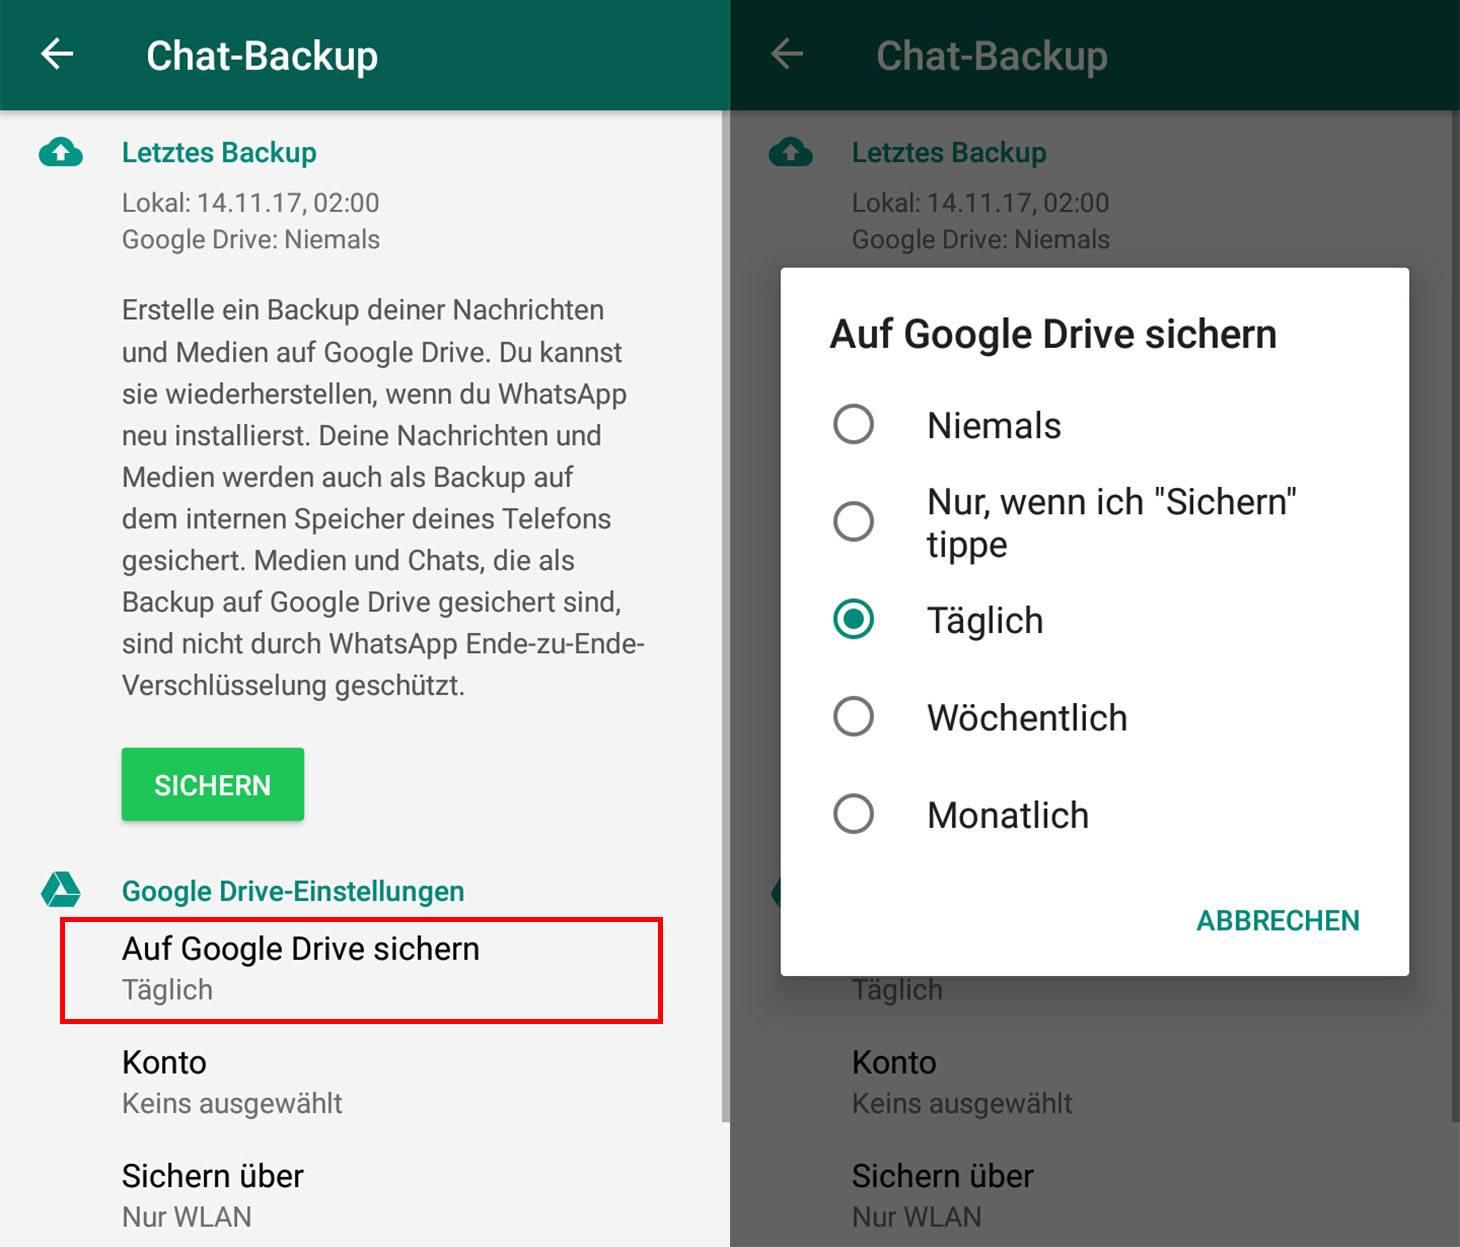 WhatsApp für Android und Chat-Backups | Offizieller Blog